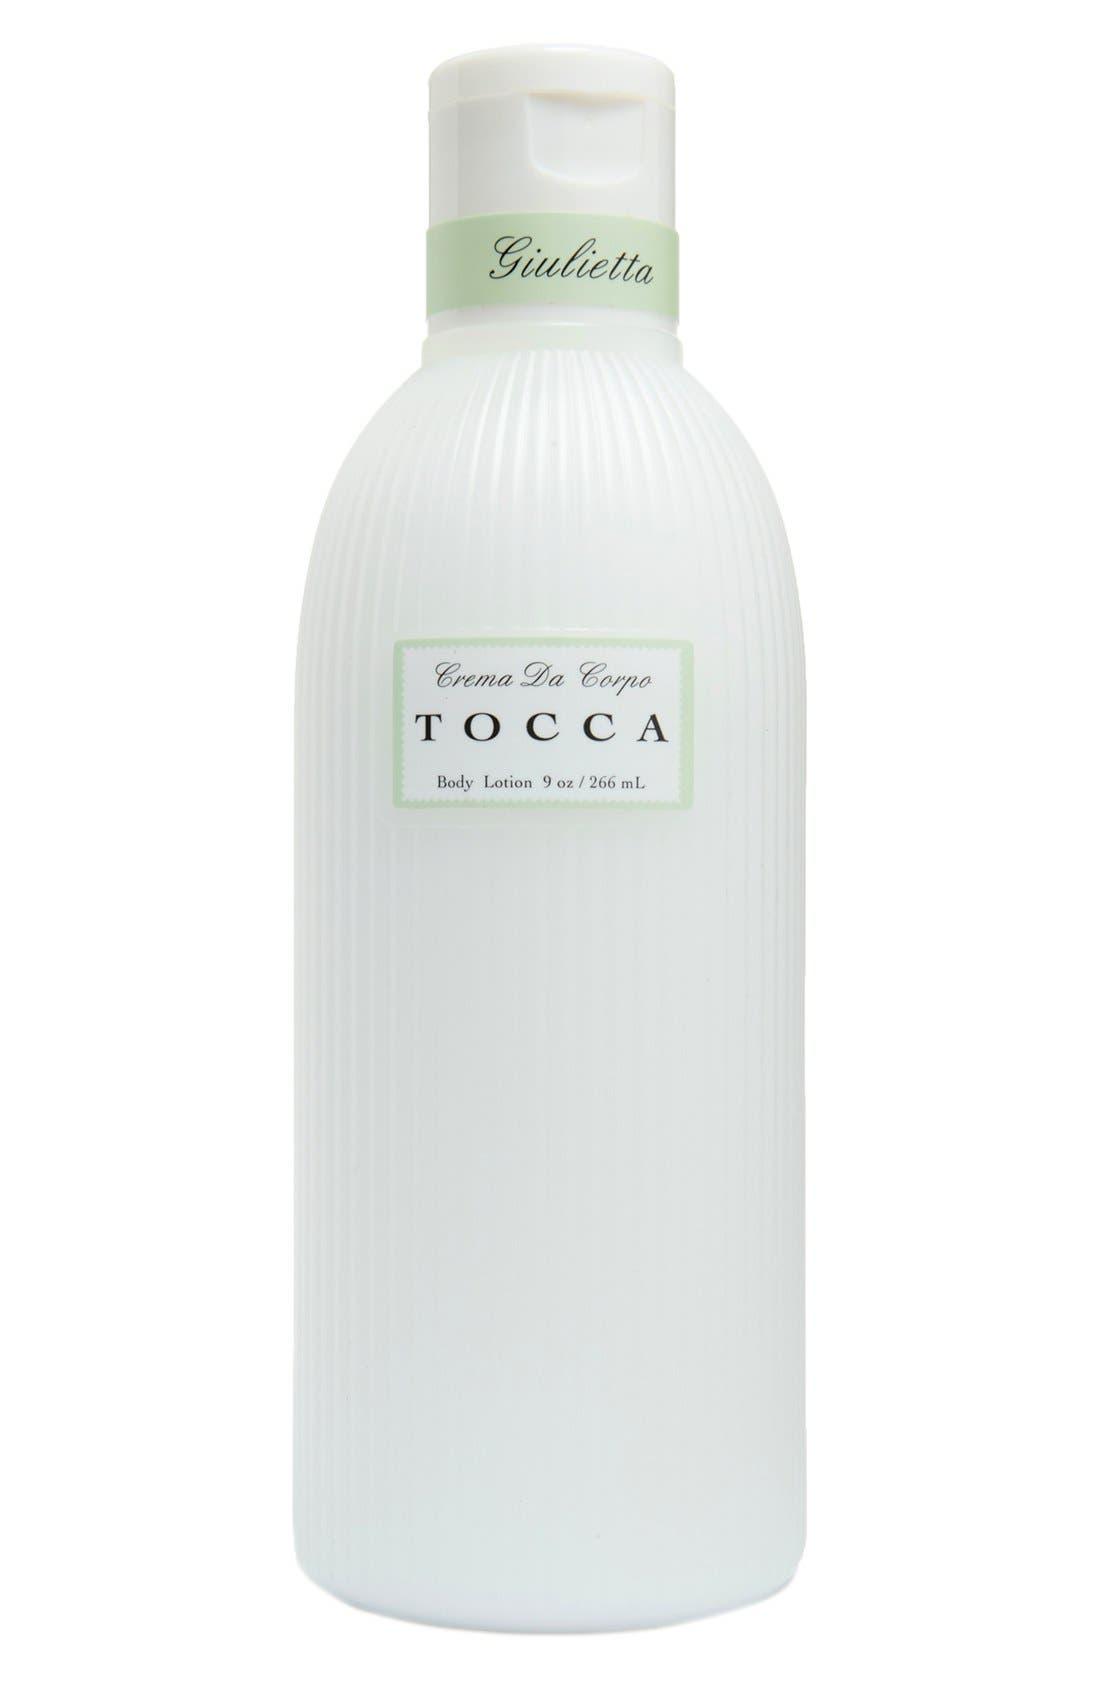 TOCCA 'Giulietta' Body Lotion